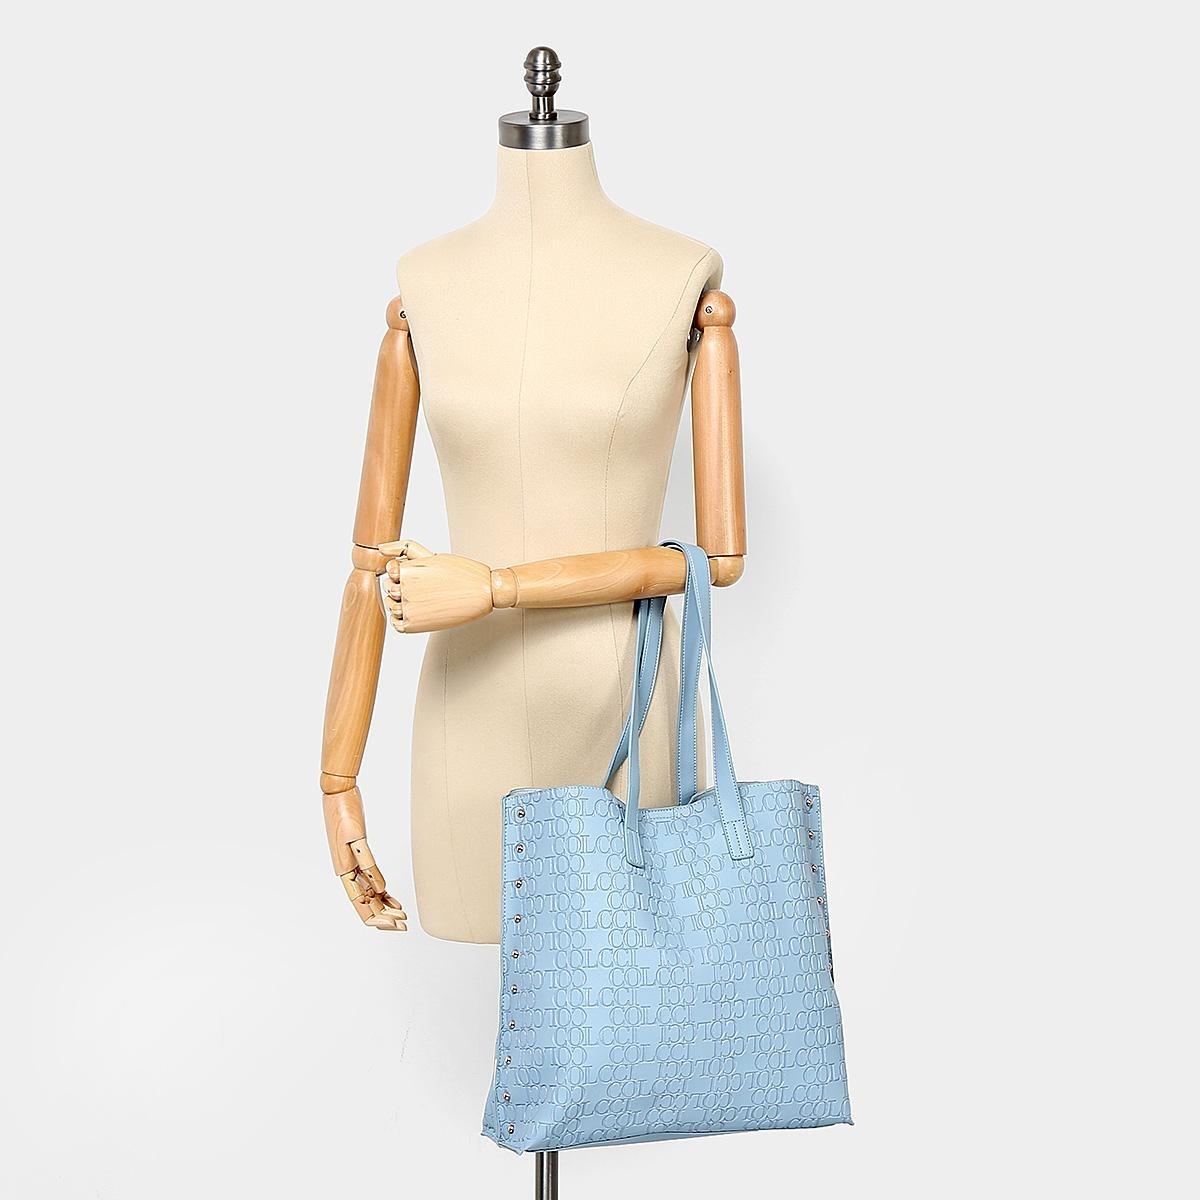 85759f1f0 Bolsa Colcci Shopper Croco Tachas Feminina - Tamanho Único - R$ 217 ...